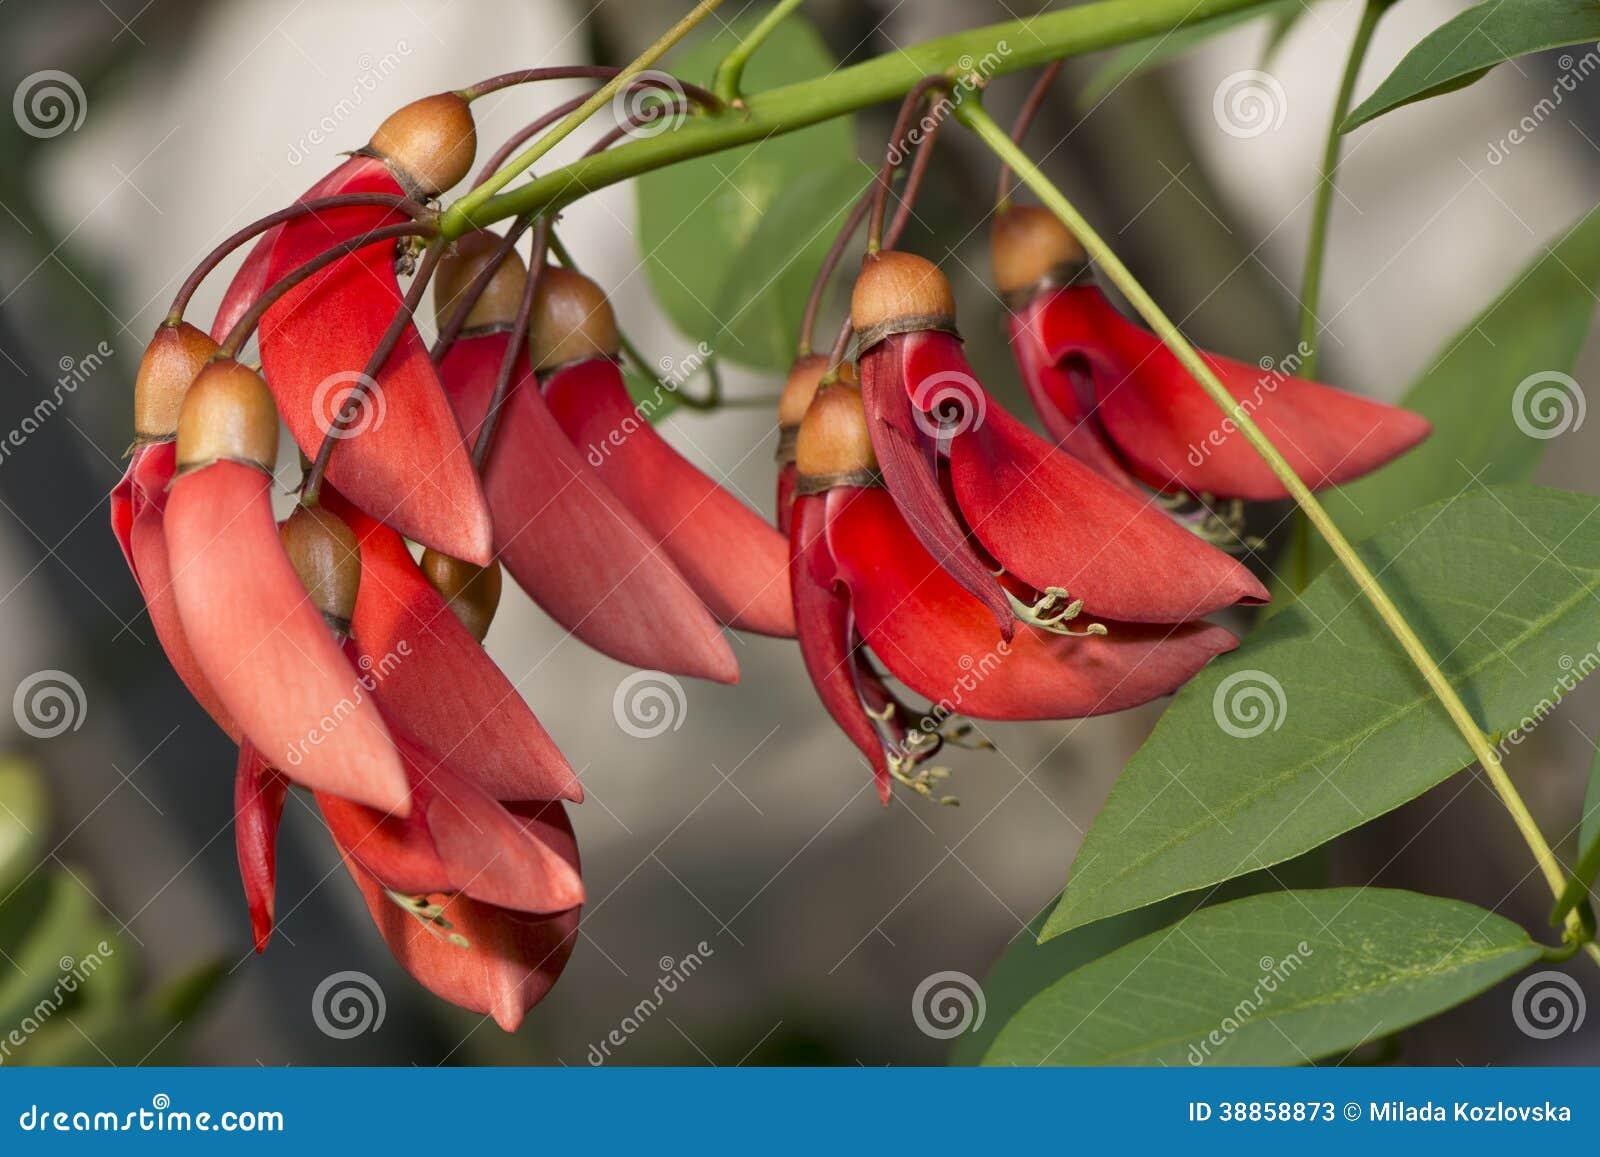 Bloemen van koraalboom